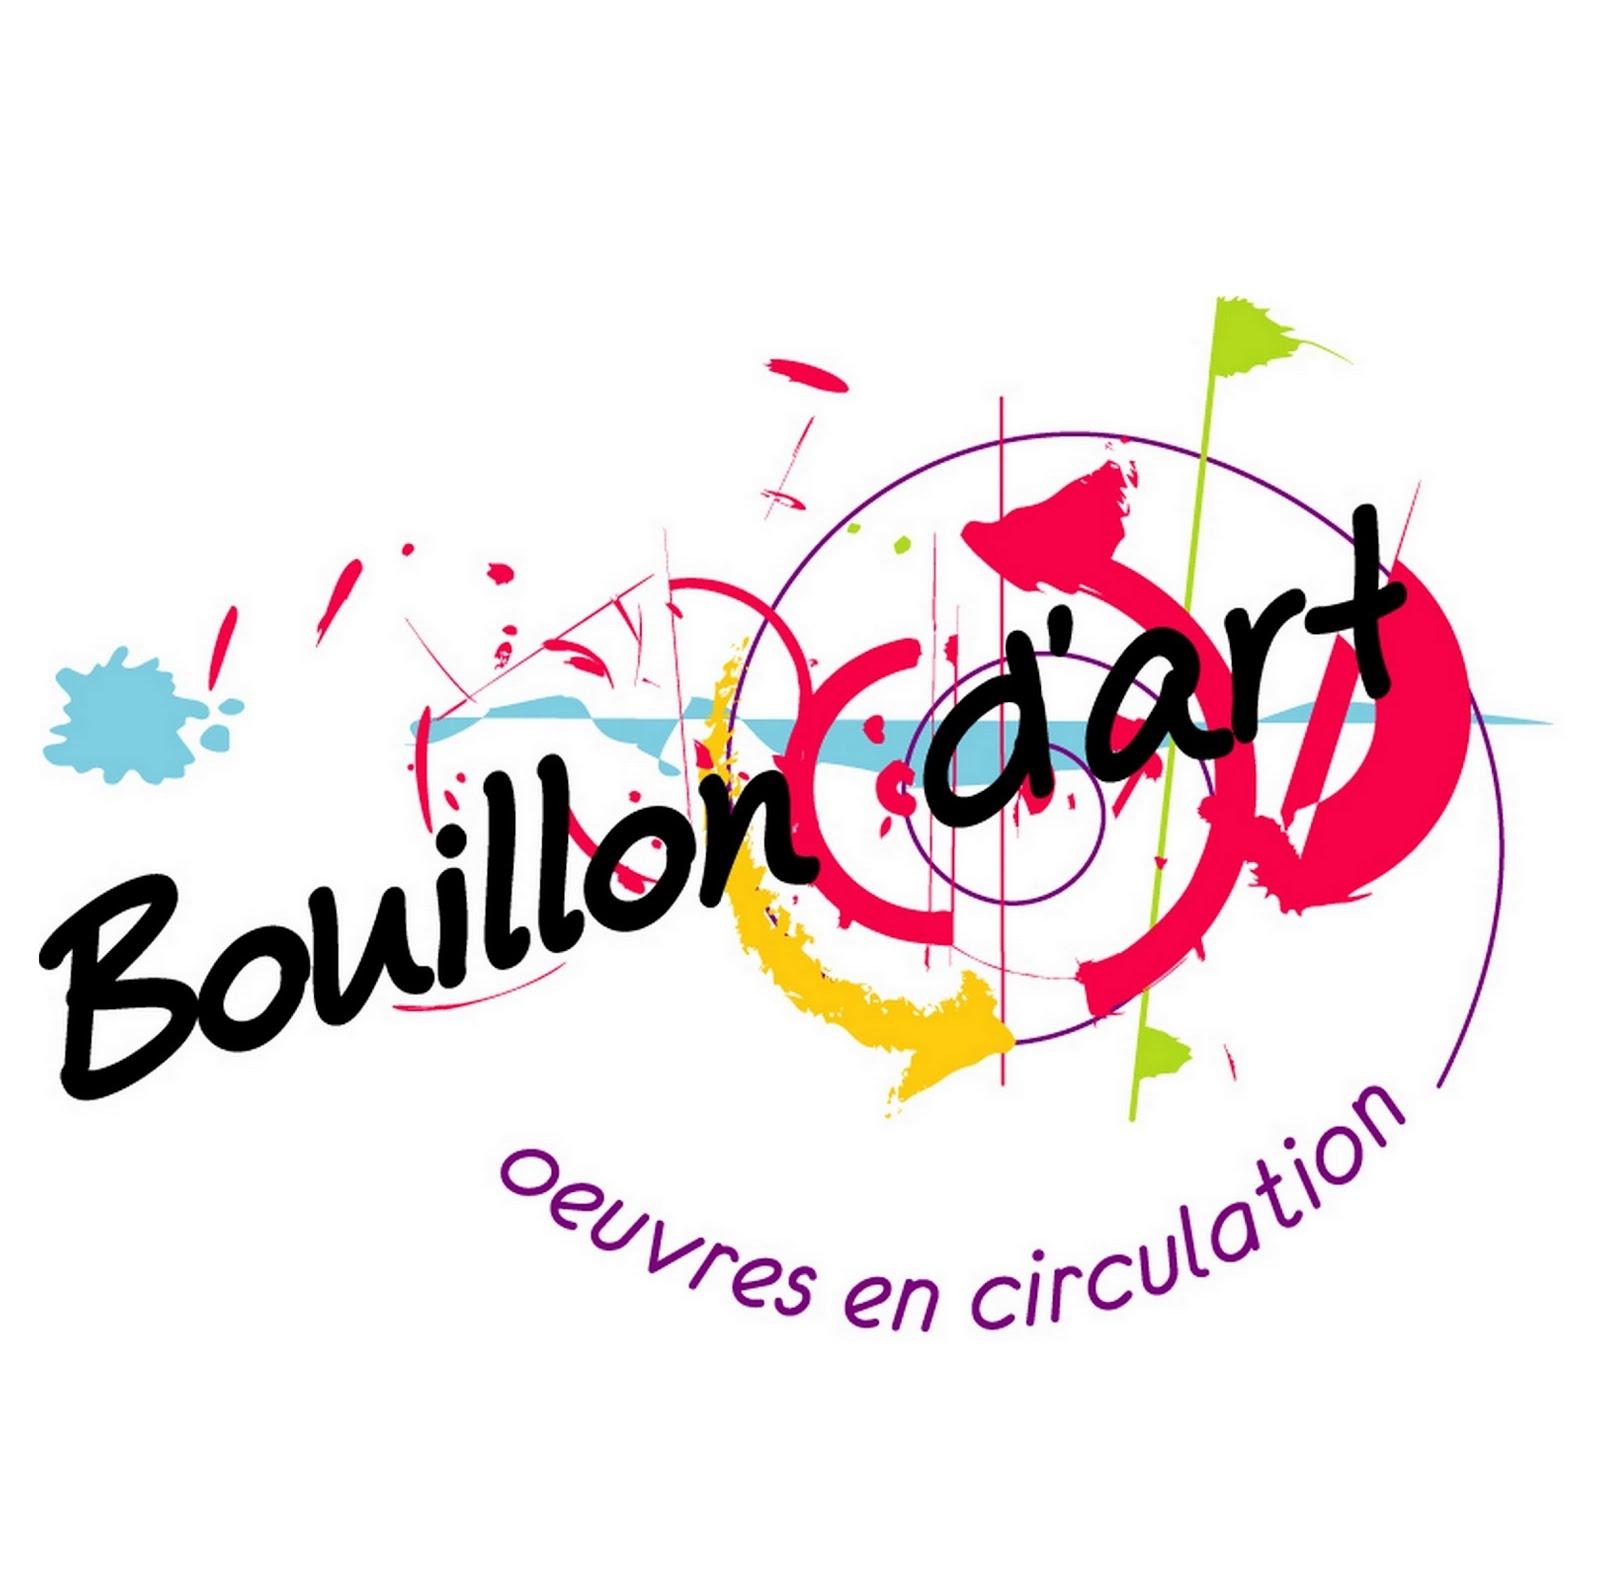 NOUVEAU À BORDEAUX : LA GALERIE BOUILLON D'ART PRÉSENTE CAPTON